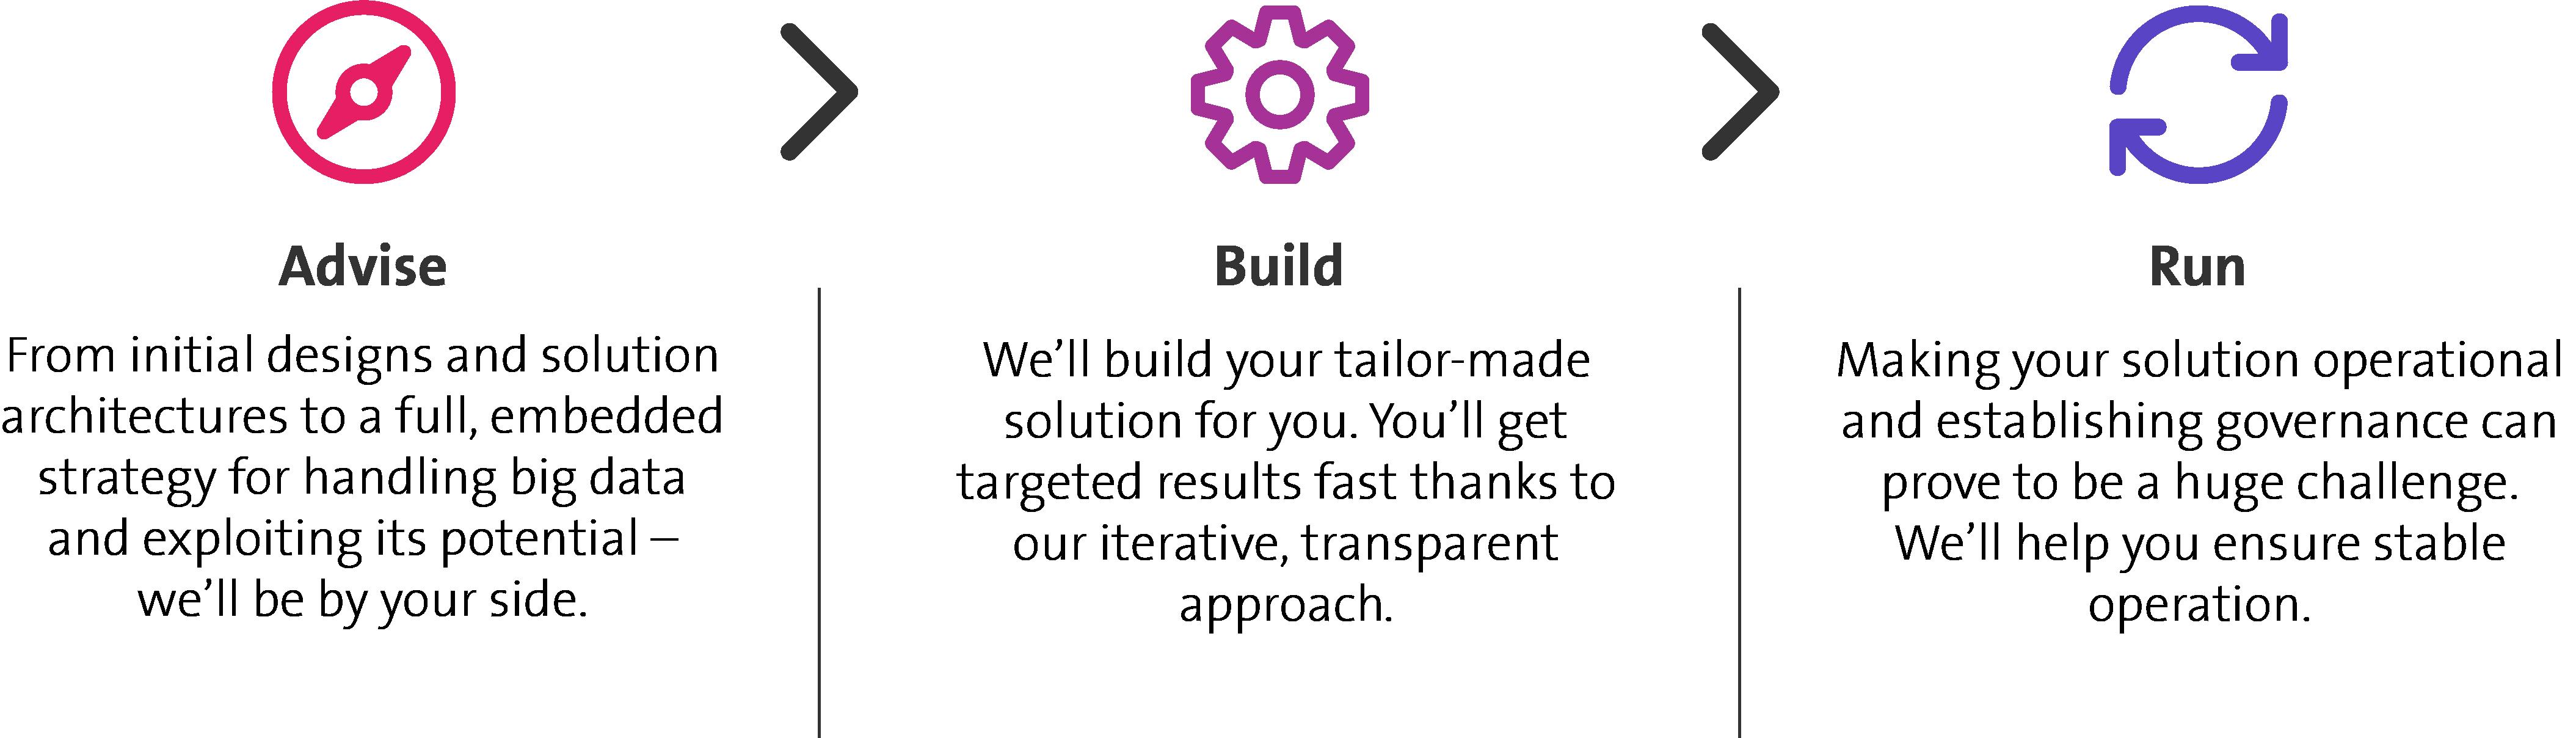 Der Big Data Prozess besteht aus drei Bereichen, Advise, Build and Run